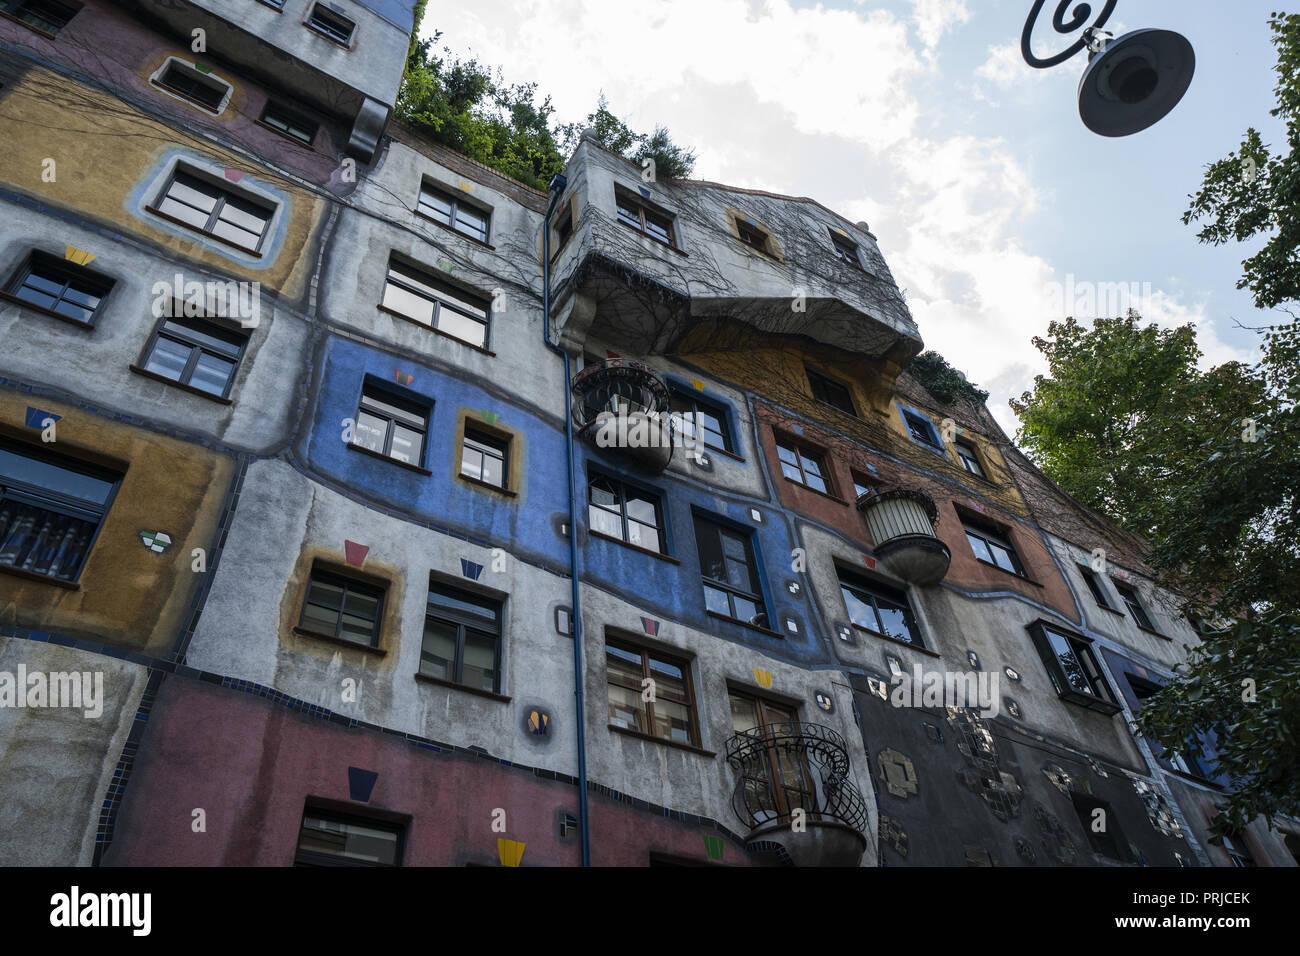 le village et la maison hundertwasser a vienne est l un des plus remarquables sites architecturaux en autriche concu par friedensreich hundertwasser cette